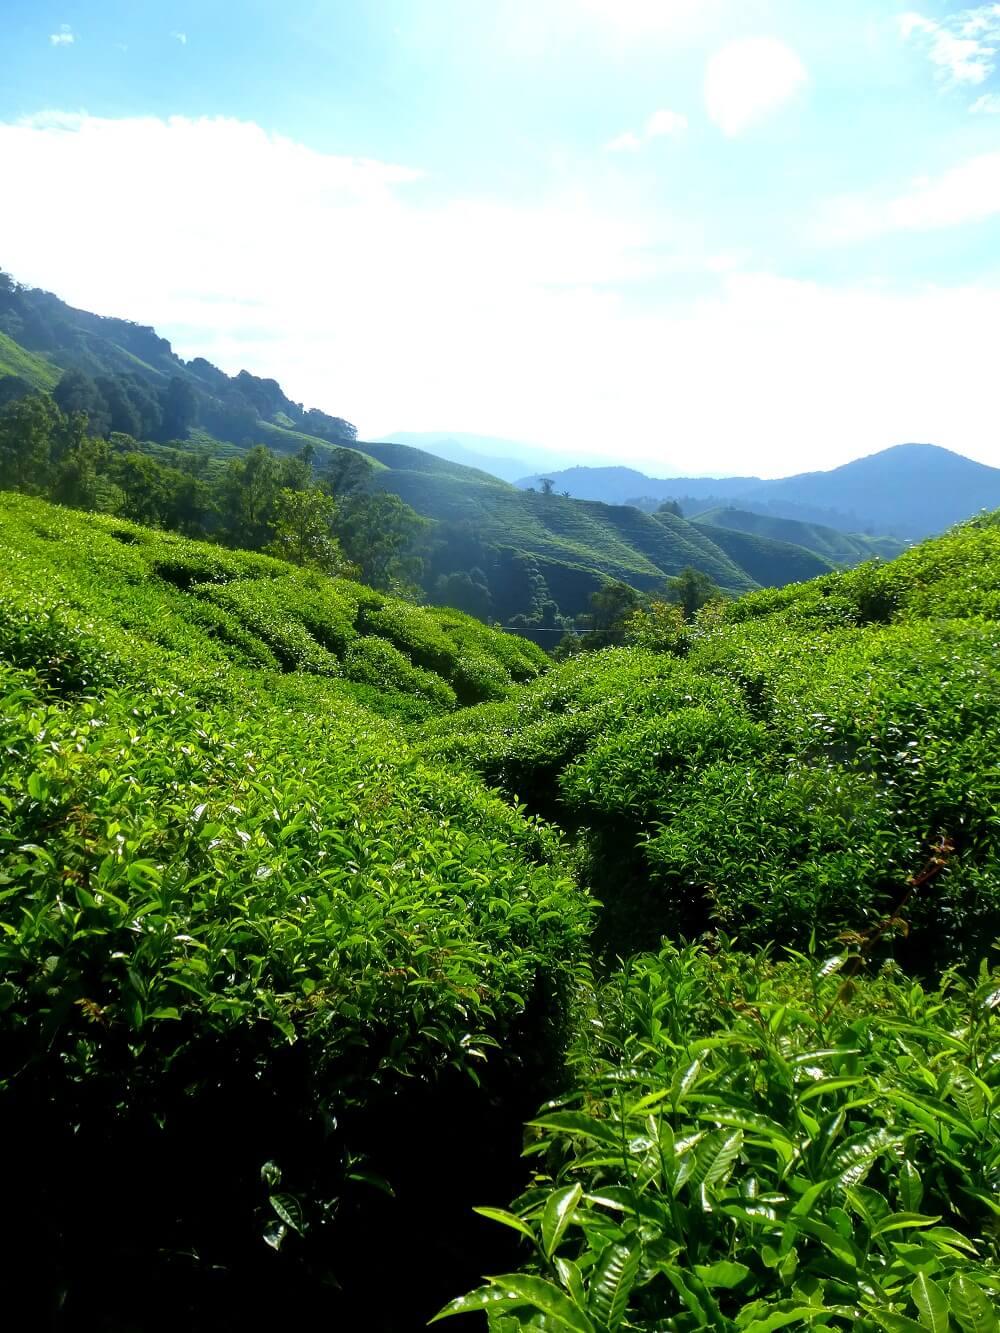 Teeplantage grüner Tee